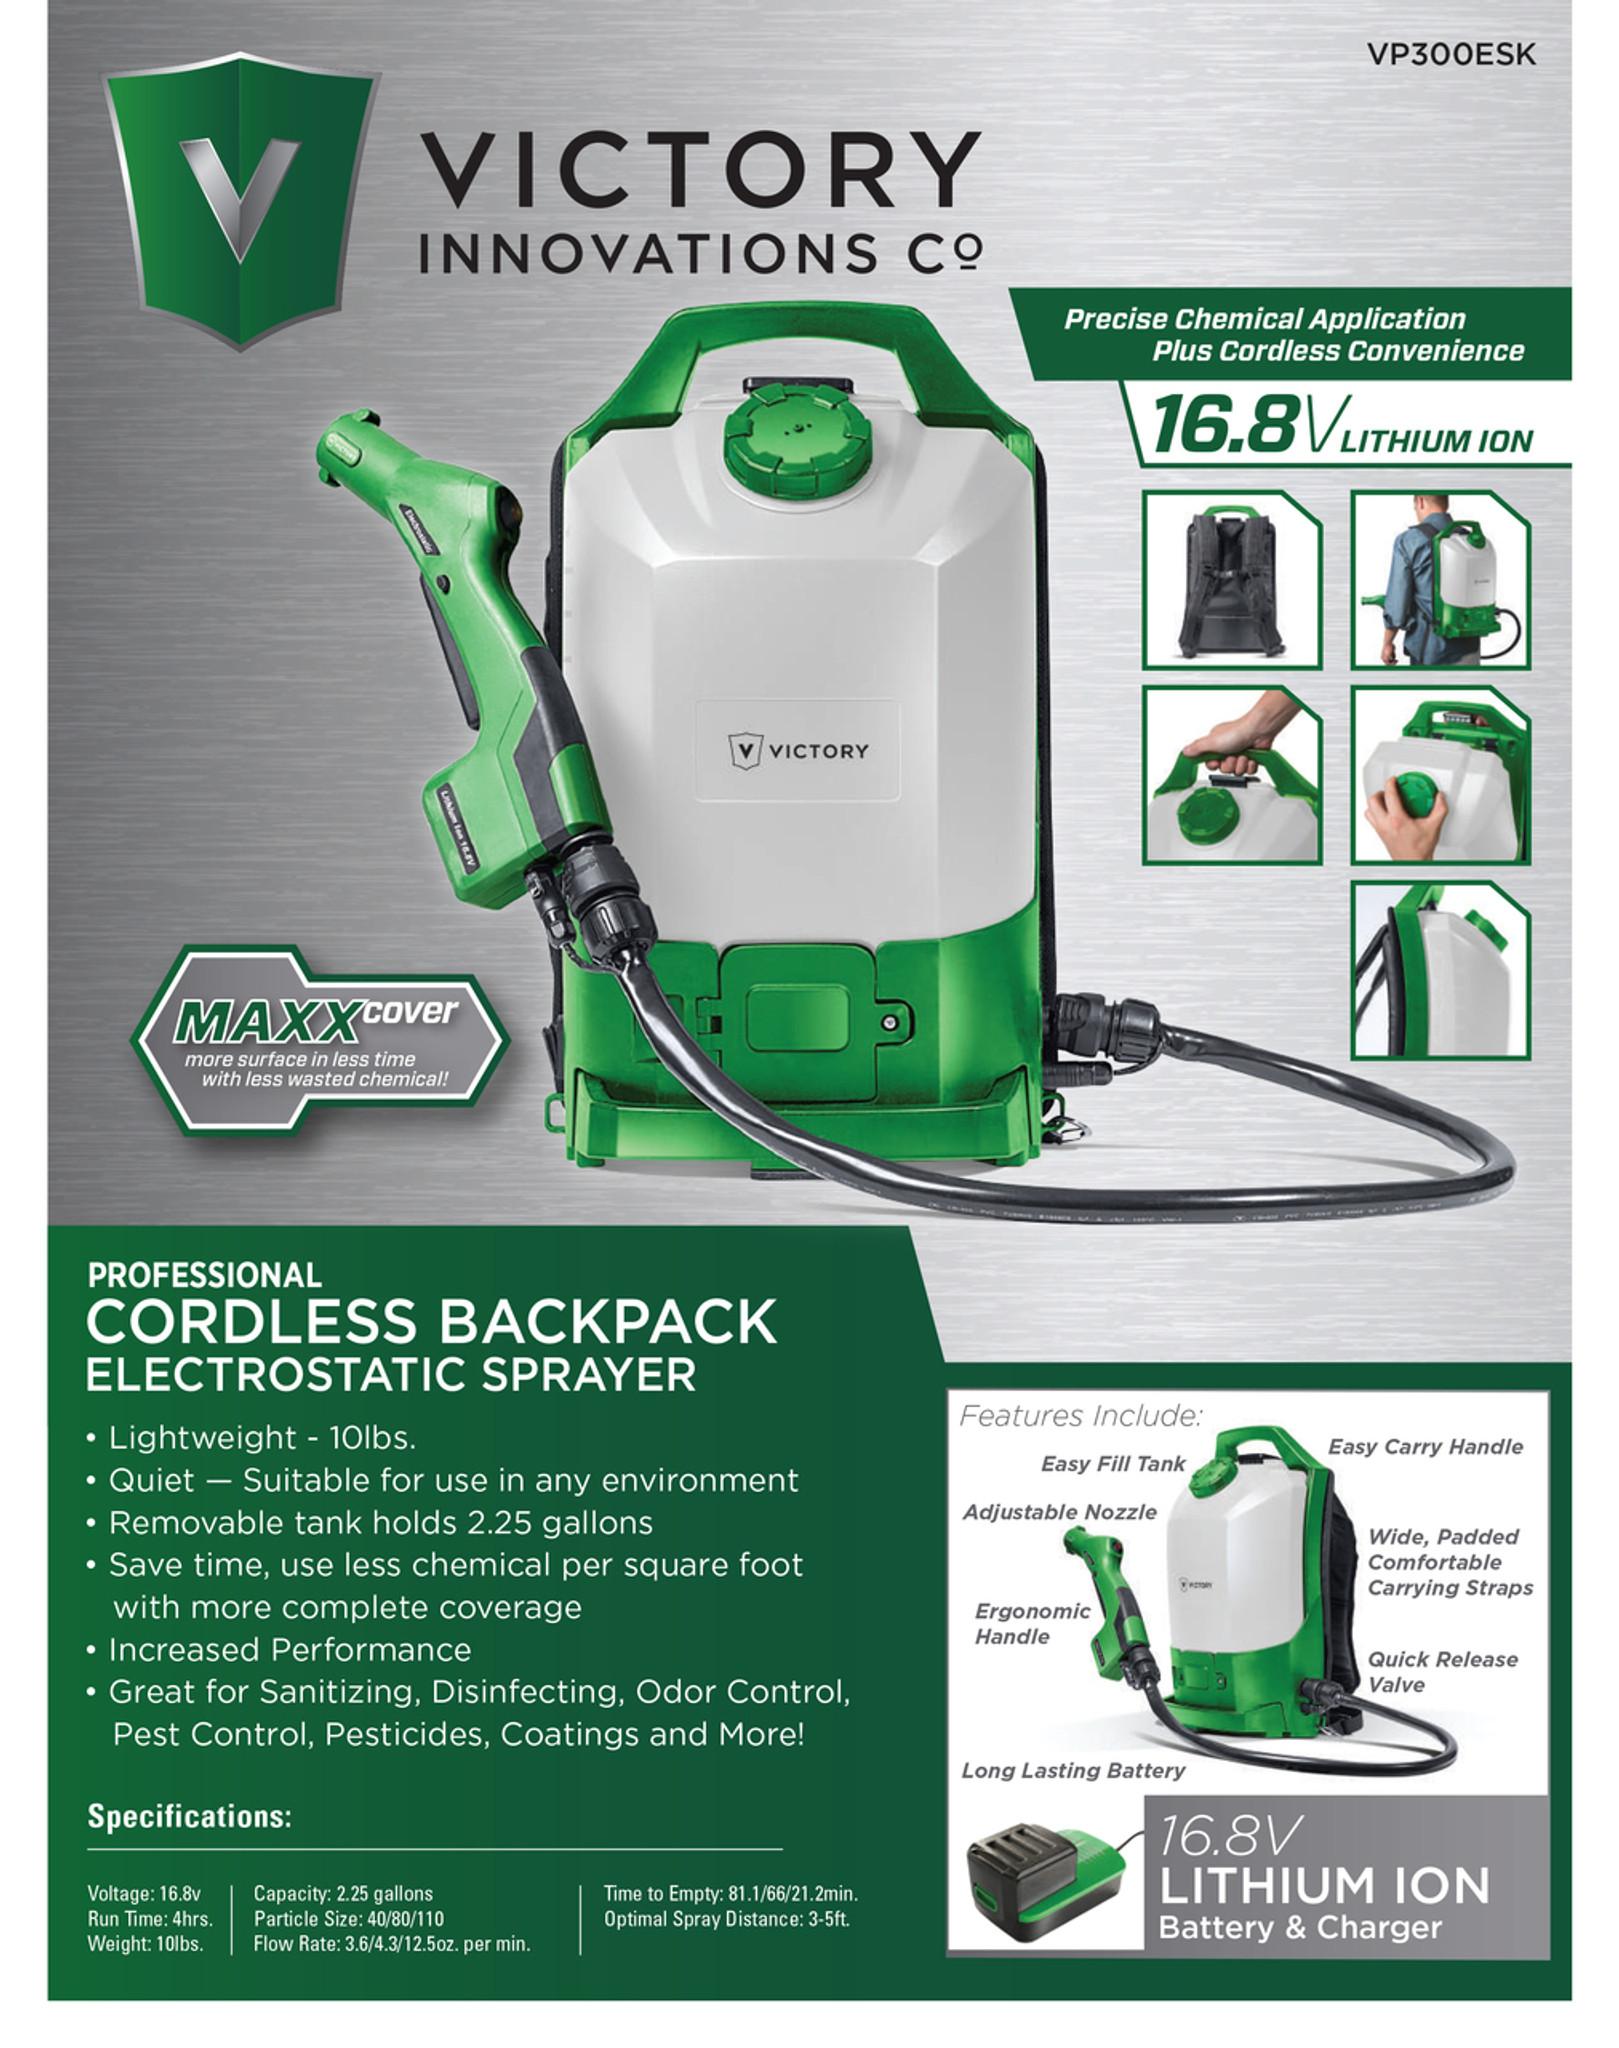 VP300ES Professional Cordless Electrostatic Backpack Sprayer